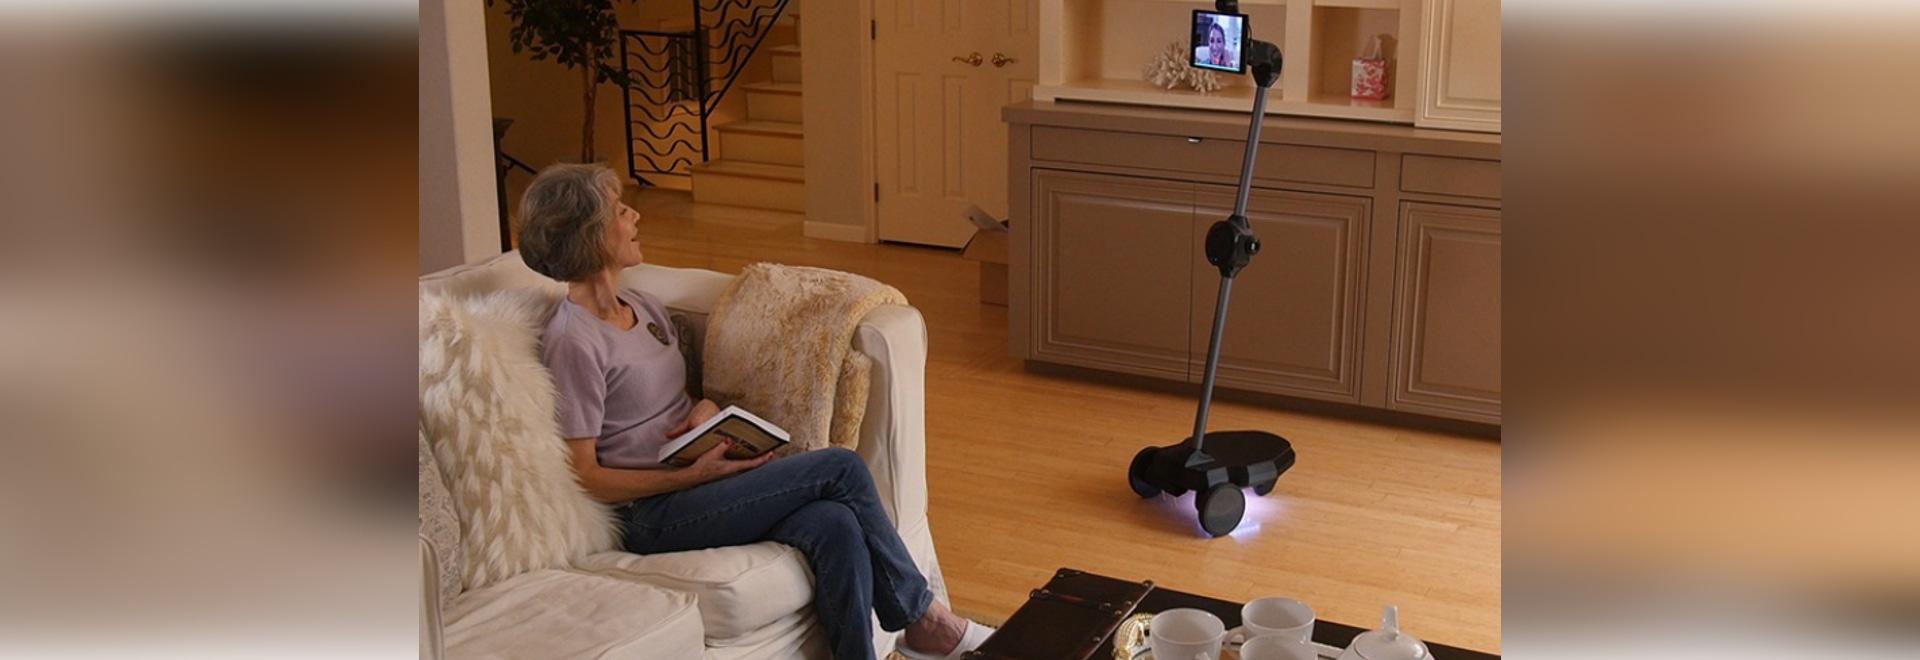 OhmniLabs utiliza los robots para hacer Telepresence una realidad: Visto en CES 2019